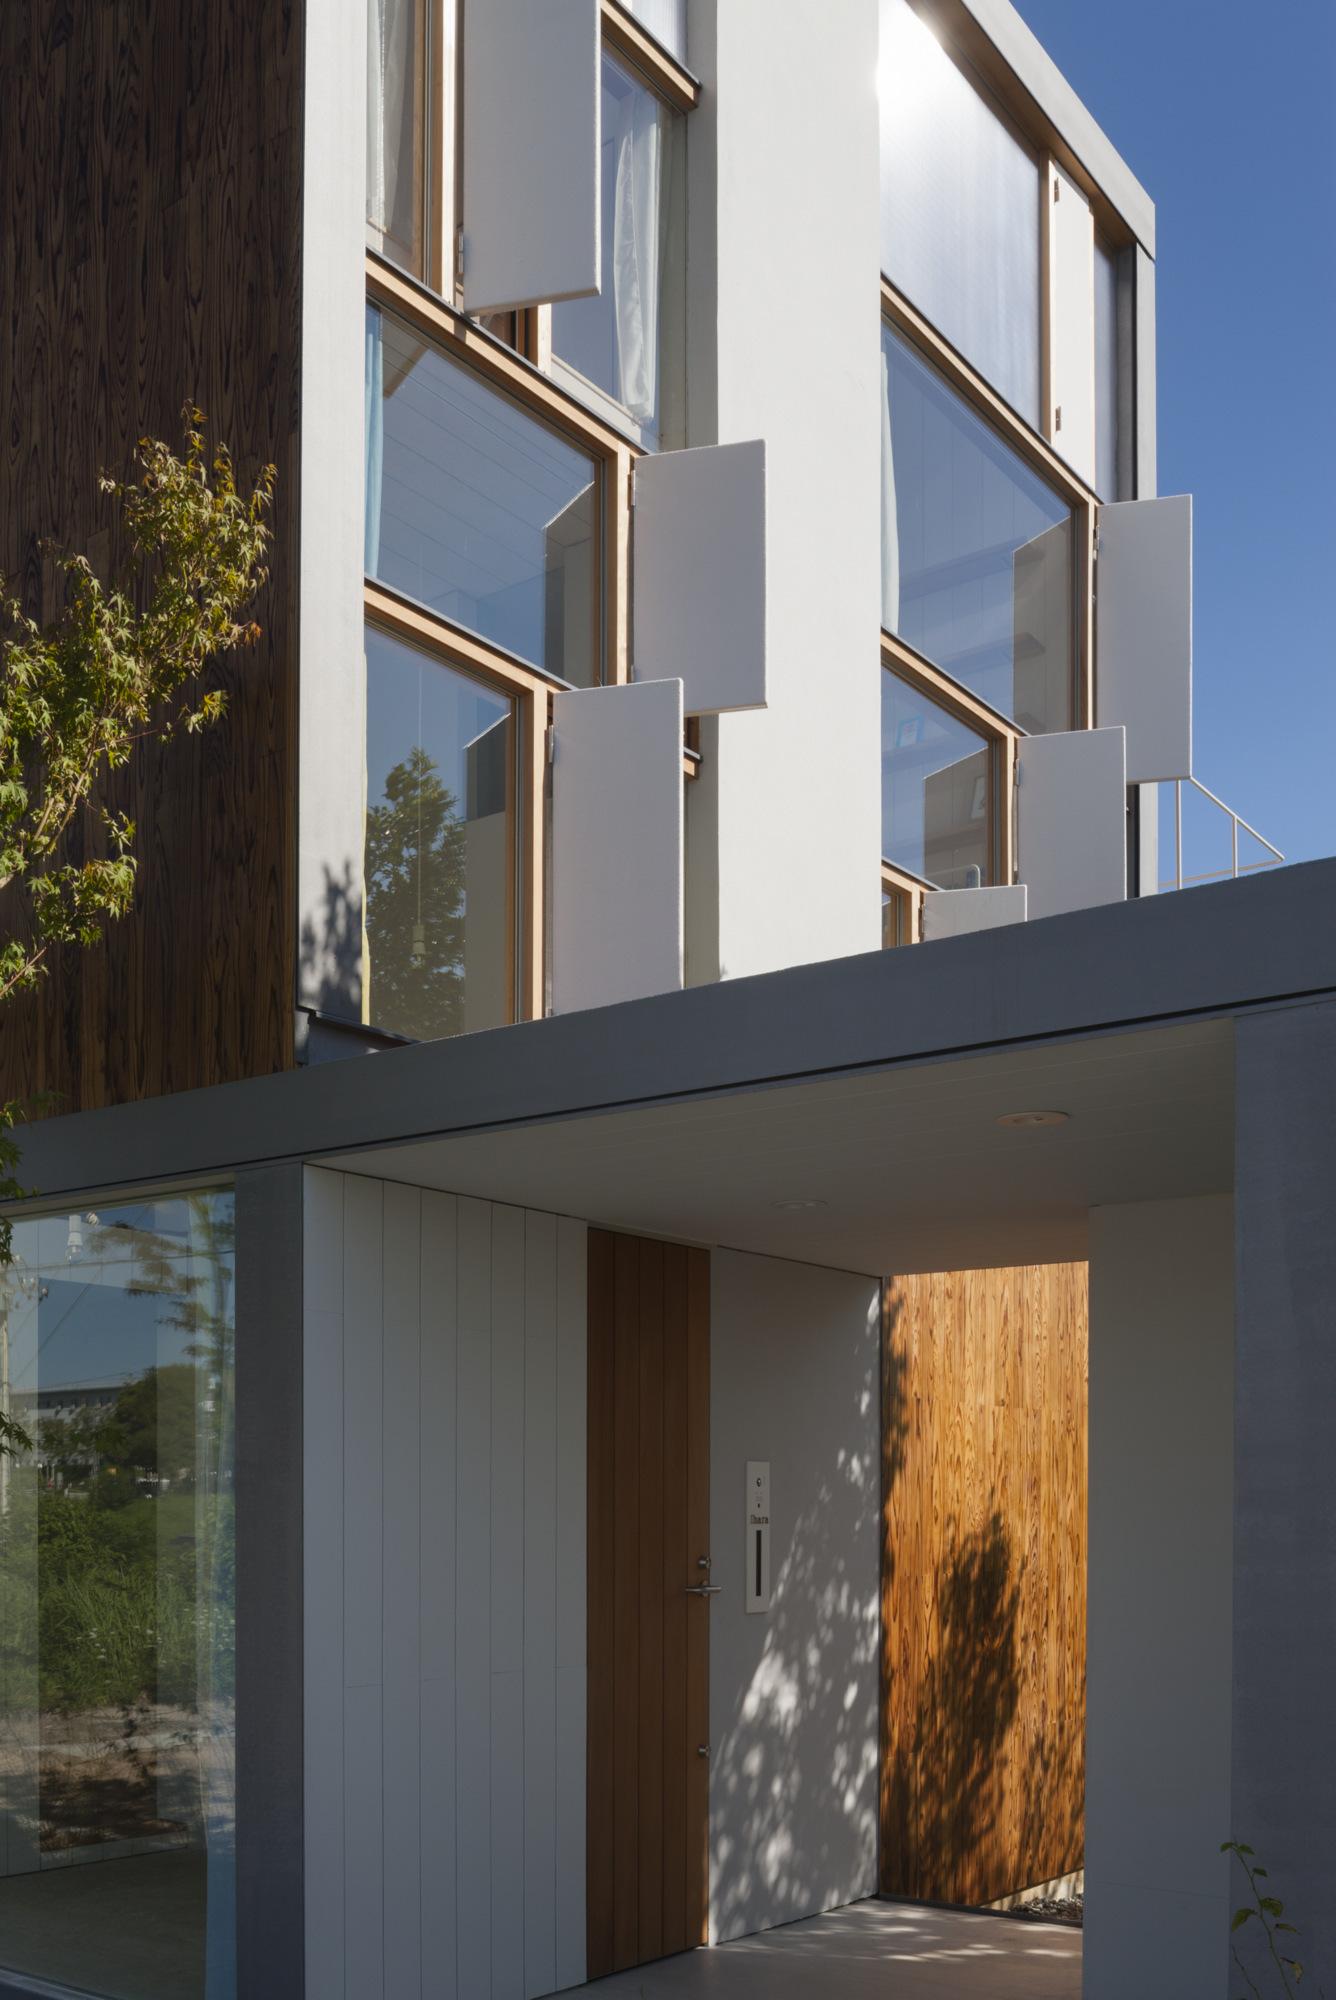 House Passage of Landscape / Ihrmk (15)